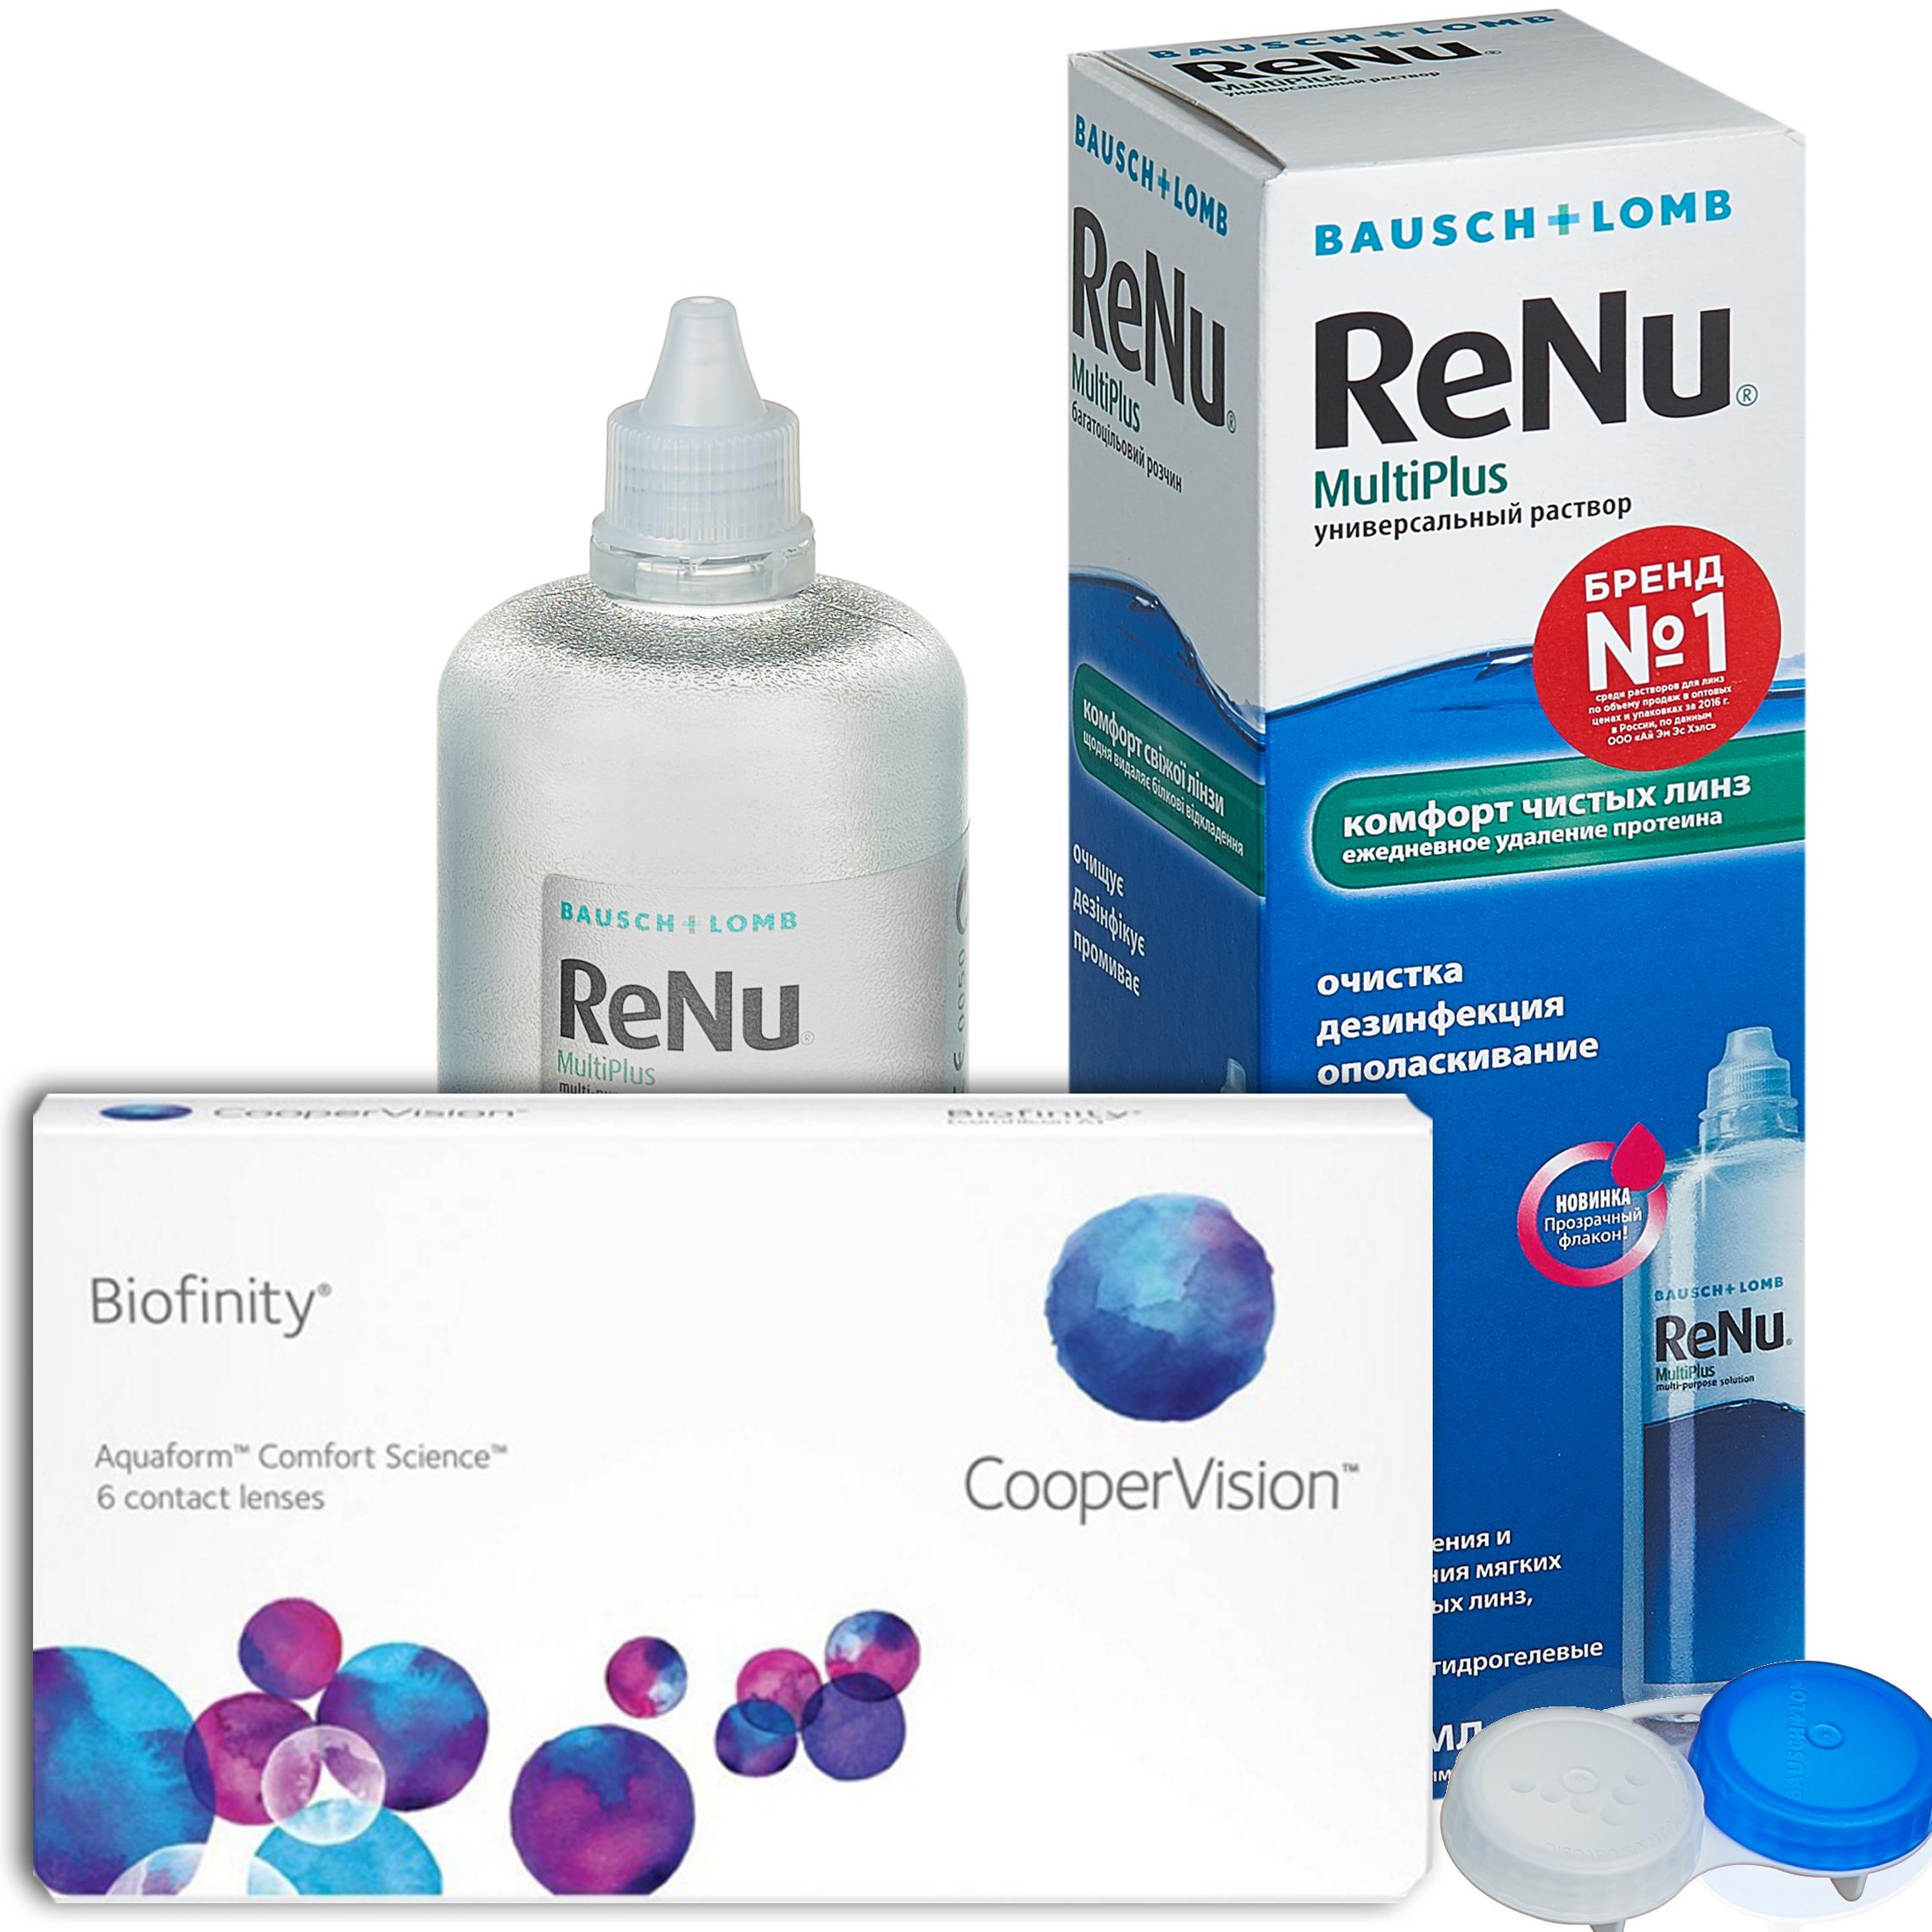 Купить Biofinity 6 линз + ReNu MultiPlus, Контактные линзы Biofinity 6 линз R 8.6 -5, 00 + Раствор ReNu Multi Plus 360 мл